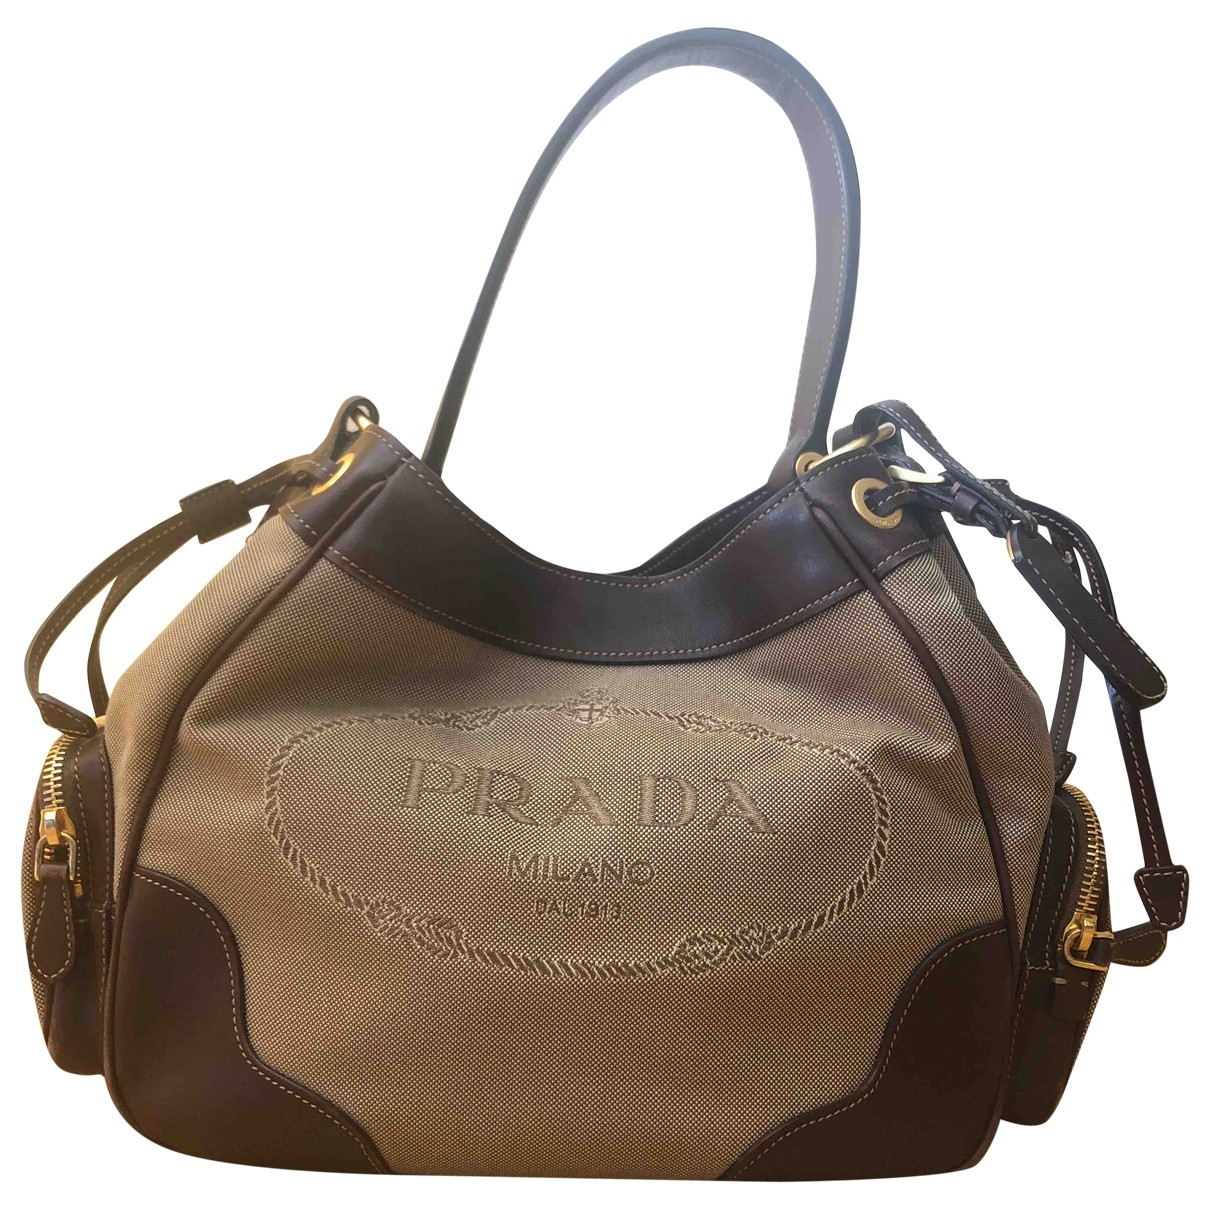 Prada - Sac a main Tessuto city pour femme en toile - kaki